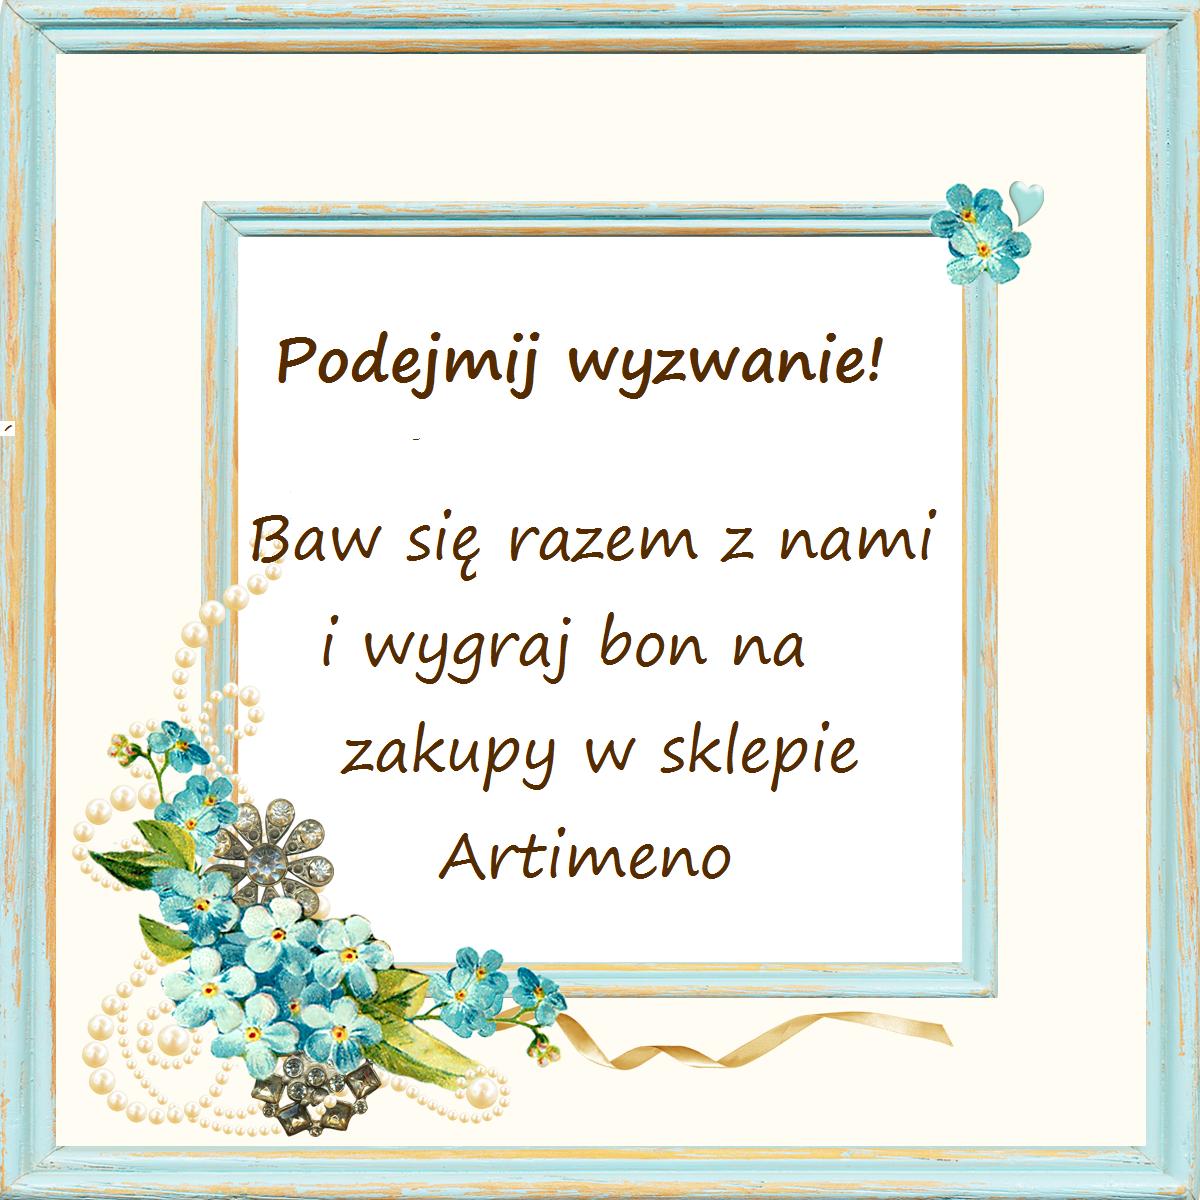 http://artimeno.blogspot.com/2014/06/wyzwanie-26-z-wasnorecznie-zrobionym.html